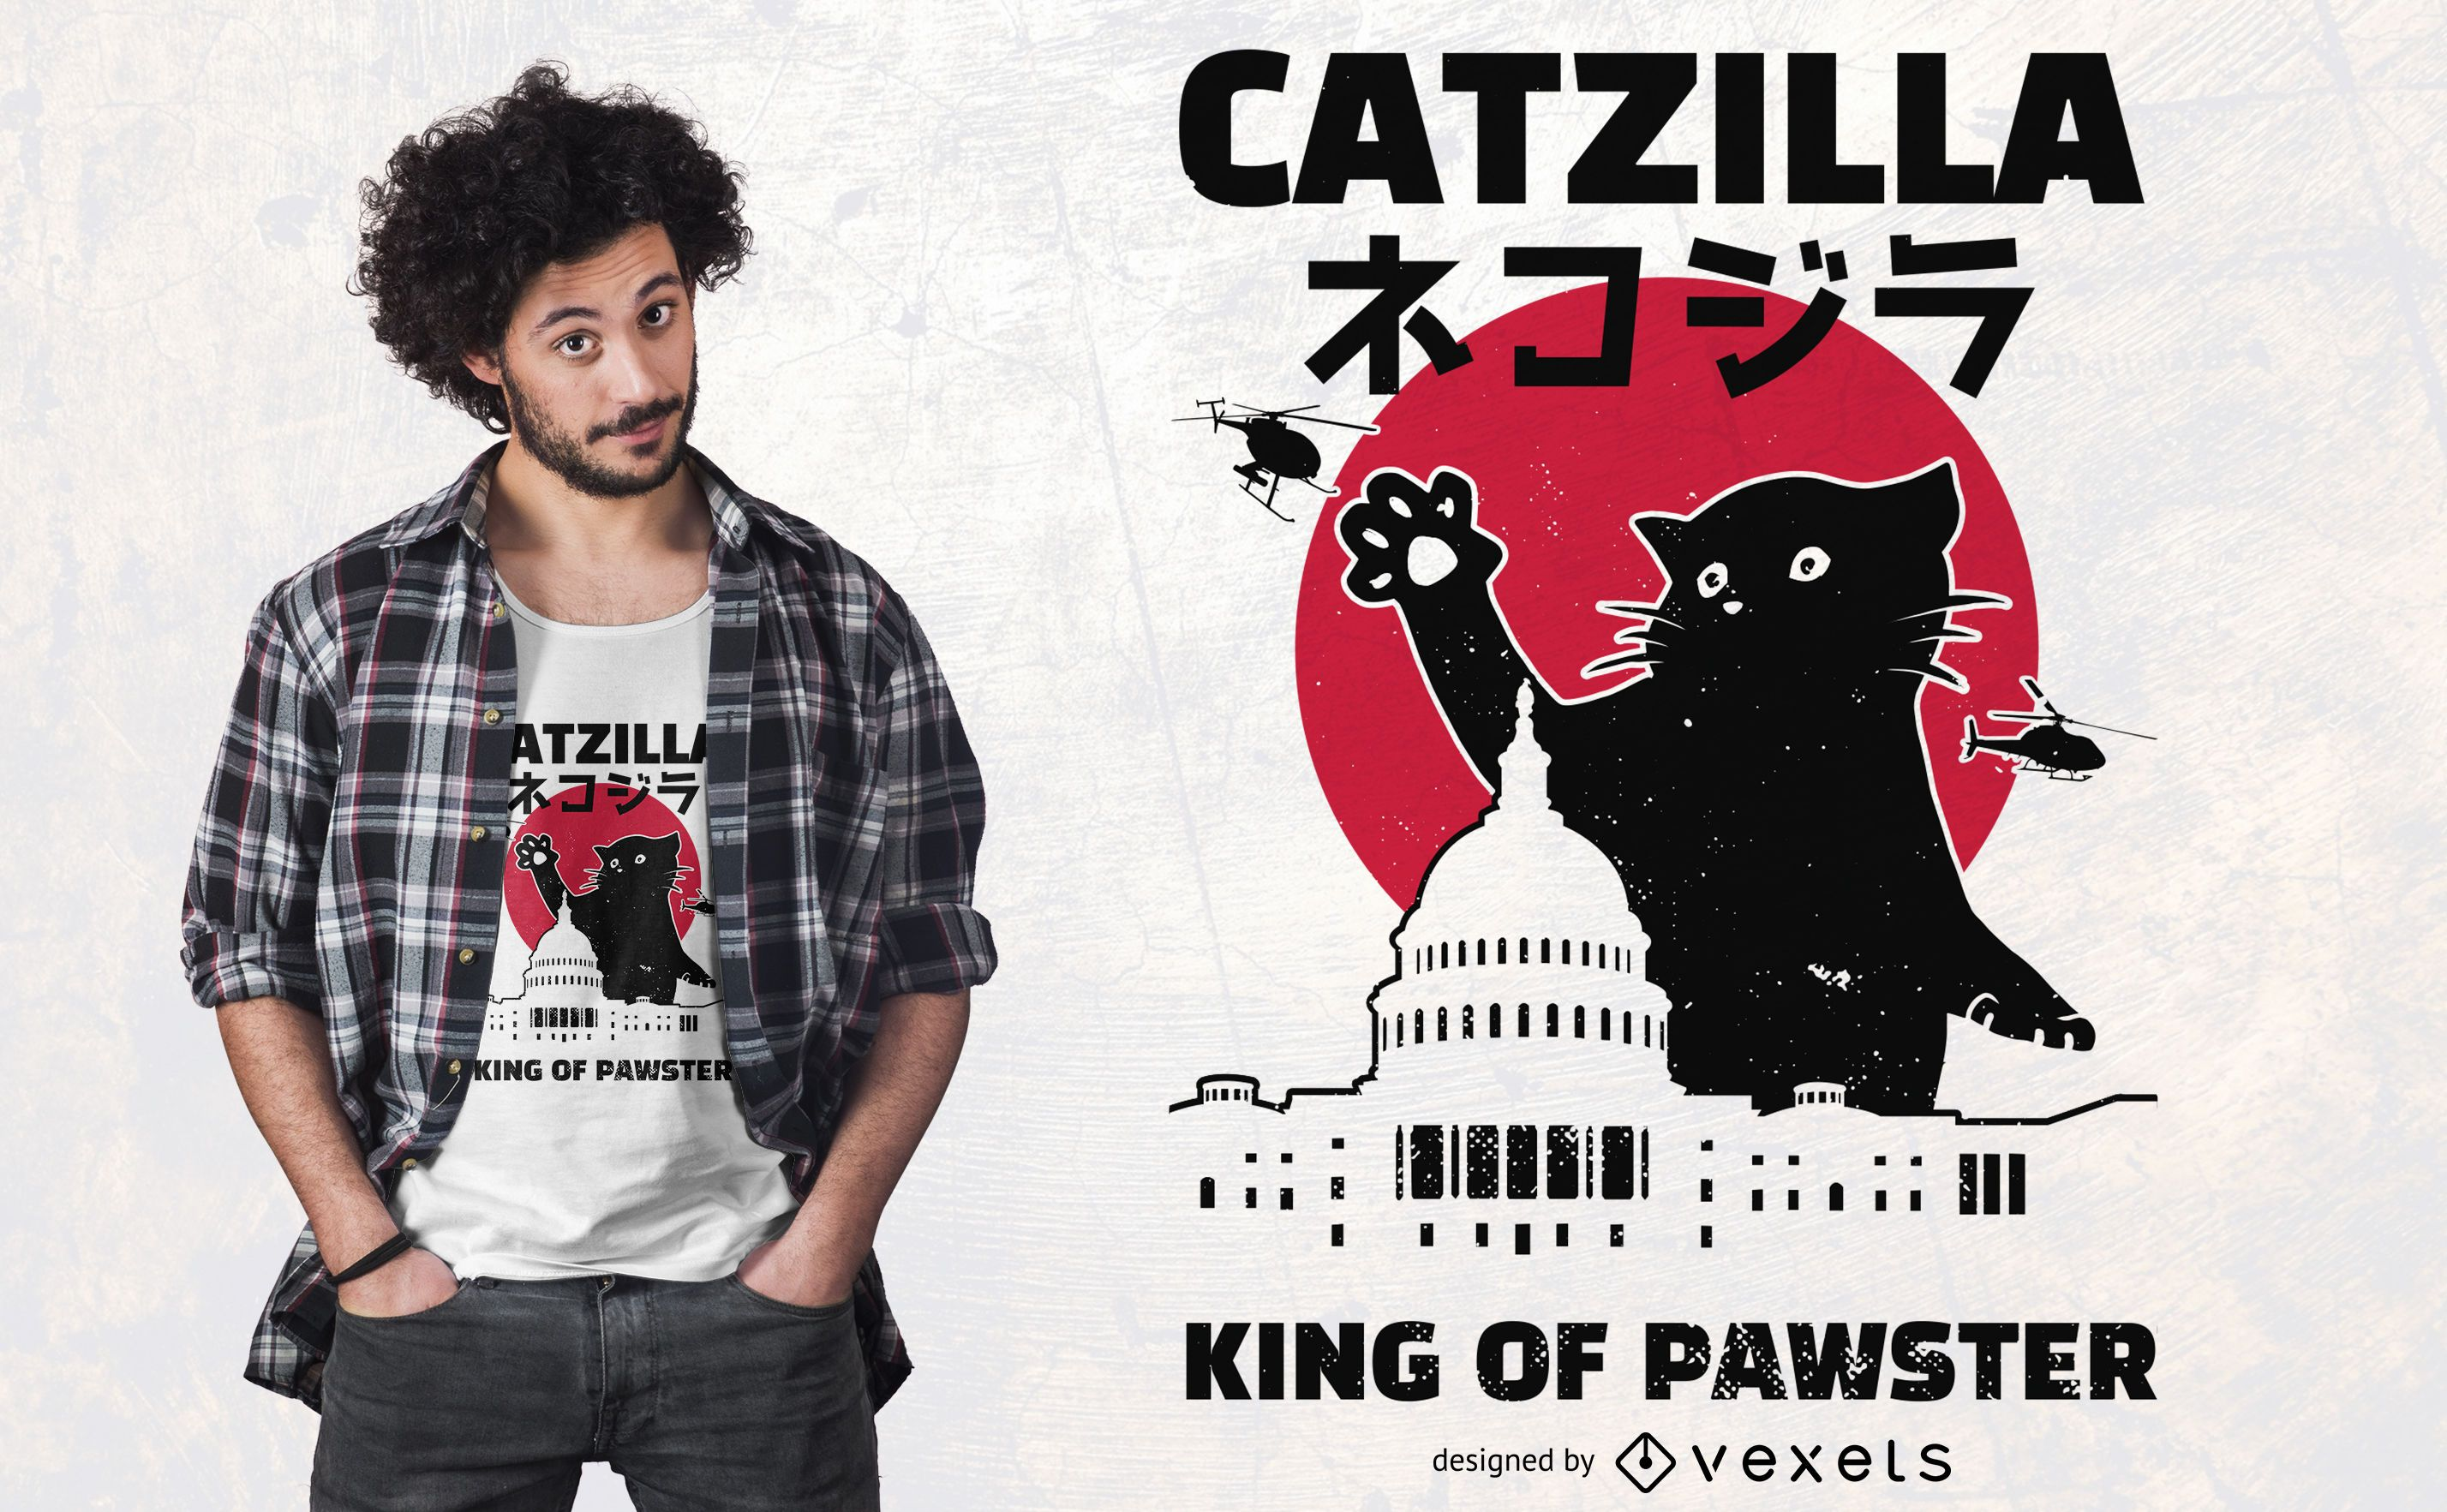 Catzilla t-shirt design